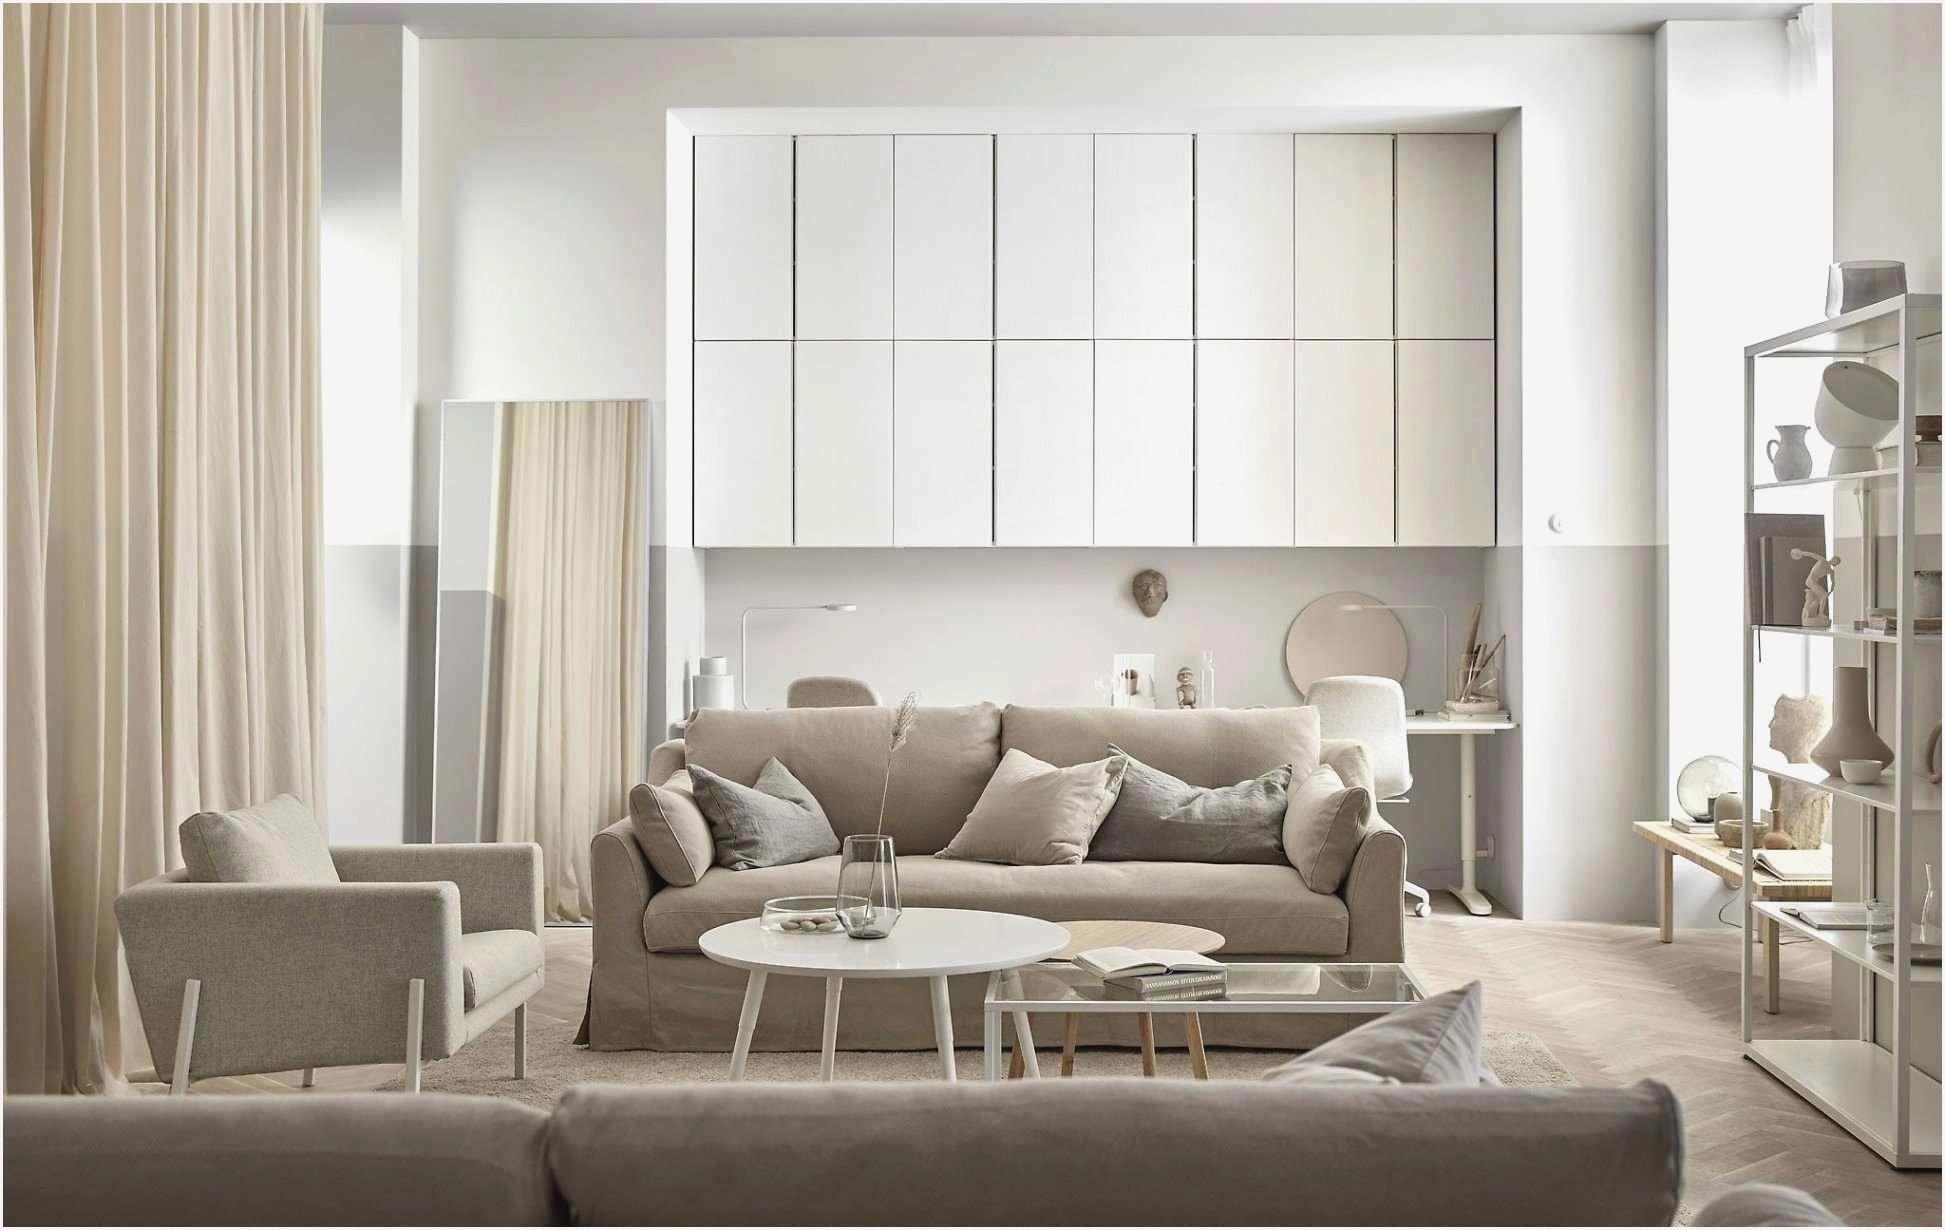 deko wandpaneele holz wohnzimmer landhaus